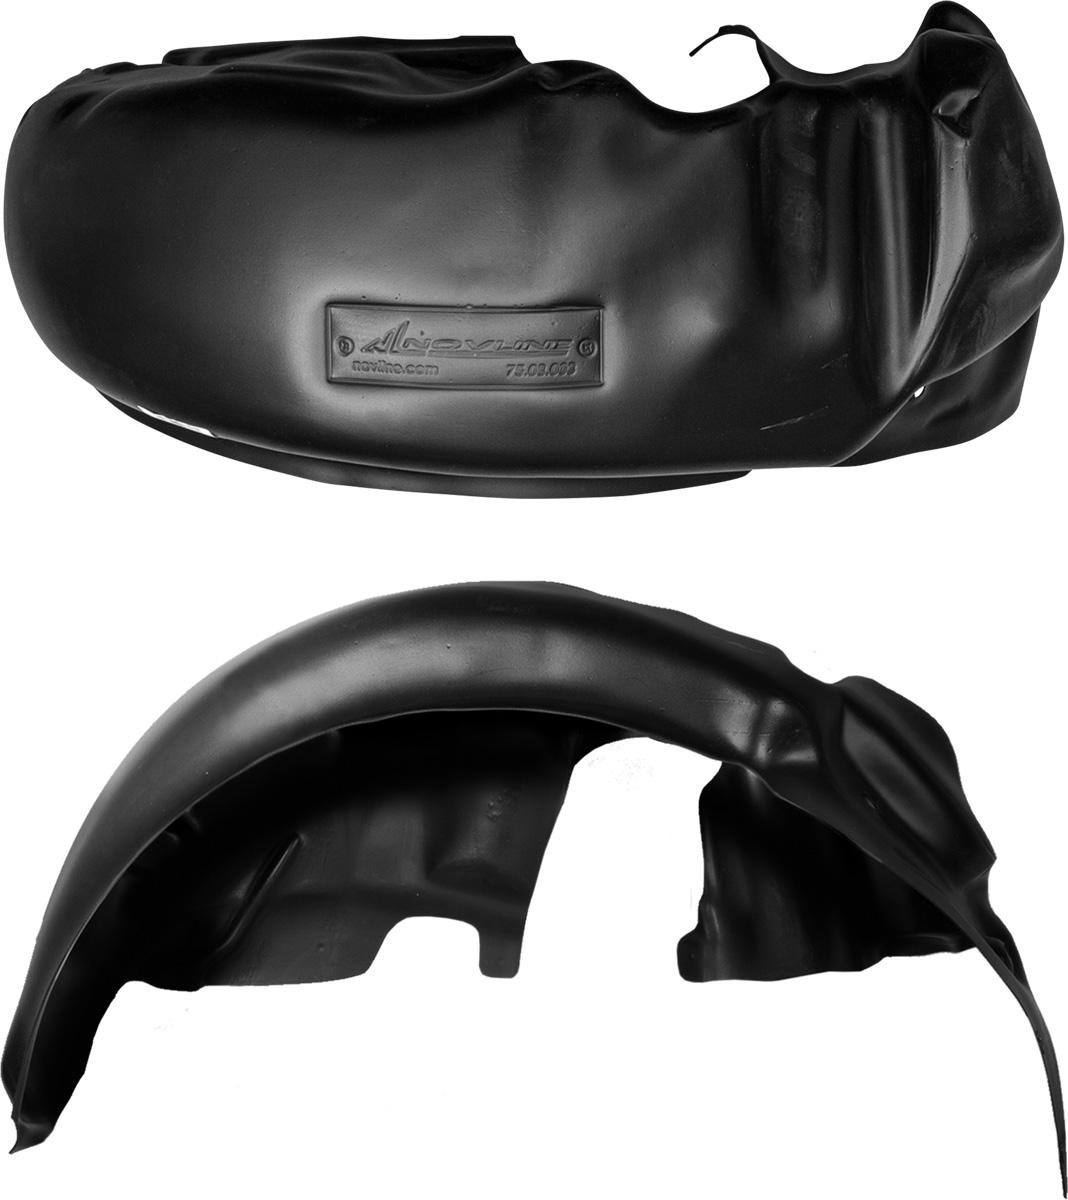 Подкрылок Novline-Autofamily, для Chevrolet Lanos, 1997-2009, седан, передний правыйNLL.08.02.002Колесные ниши - одни из самых уязвимых зон днища вашего автомобиля. Они постоянно подвергаются воздействию со стороны дороги. Лучшая, почти абсолютная защита для них - специально отформованные пластиковые кожухи, которые называются подкрылками. Производятся они как для отечественных моделей автомобилей, так и для иномарок. Подкрылки Novline-Autofamily выполнены из высококачественного, экологически чистого пластика. Обеспечивают надежную защиту кузова автомобиля от пескоструйного эффекта и негативного влияния, агрессивных антигололедных реагентов. Пластик обладает более низкой теплопроводностью, чем металл, поэтому в зимний период эксплуатации использование пластиковых подкрылков позволяет лучше защитить колесные ниши от налипания снега и образования наледи. Оригинальность конструкции подчеркивает элегантность автомобиля, бережно защищает нанесенное на днище кузова антикоррозийное покрытие и позволяет осуществить крепление подкрылков внутри колесной арки практически без...